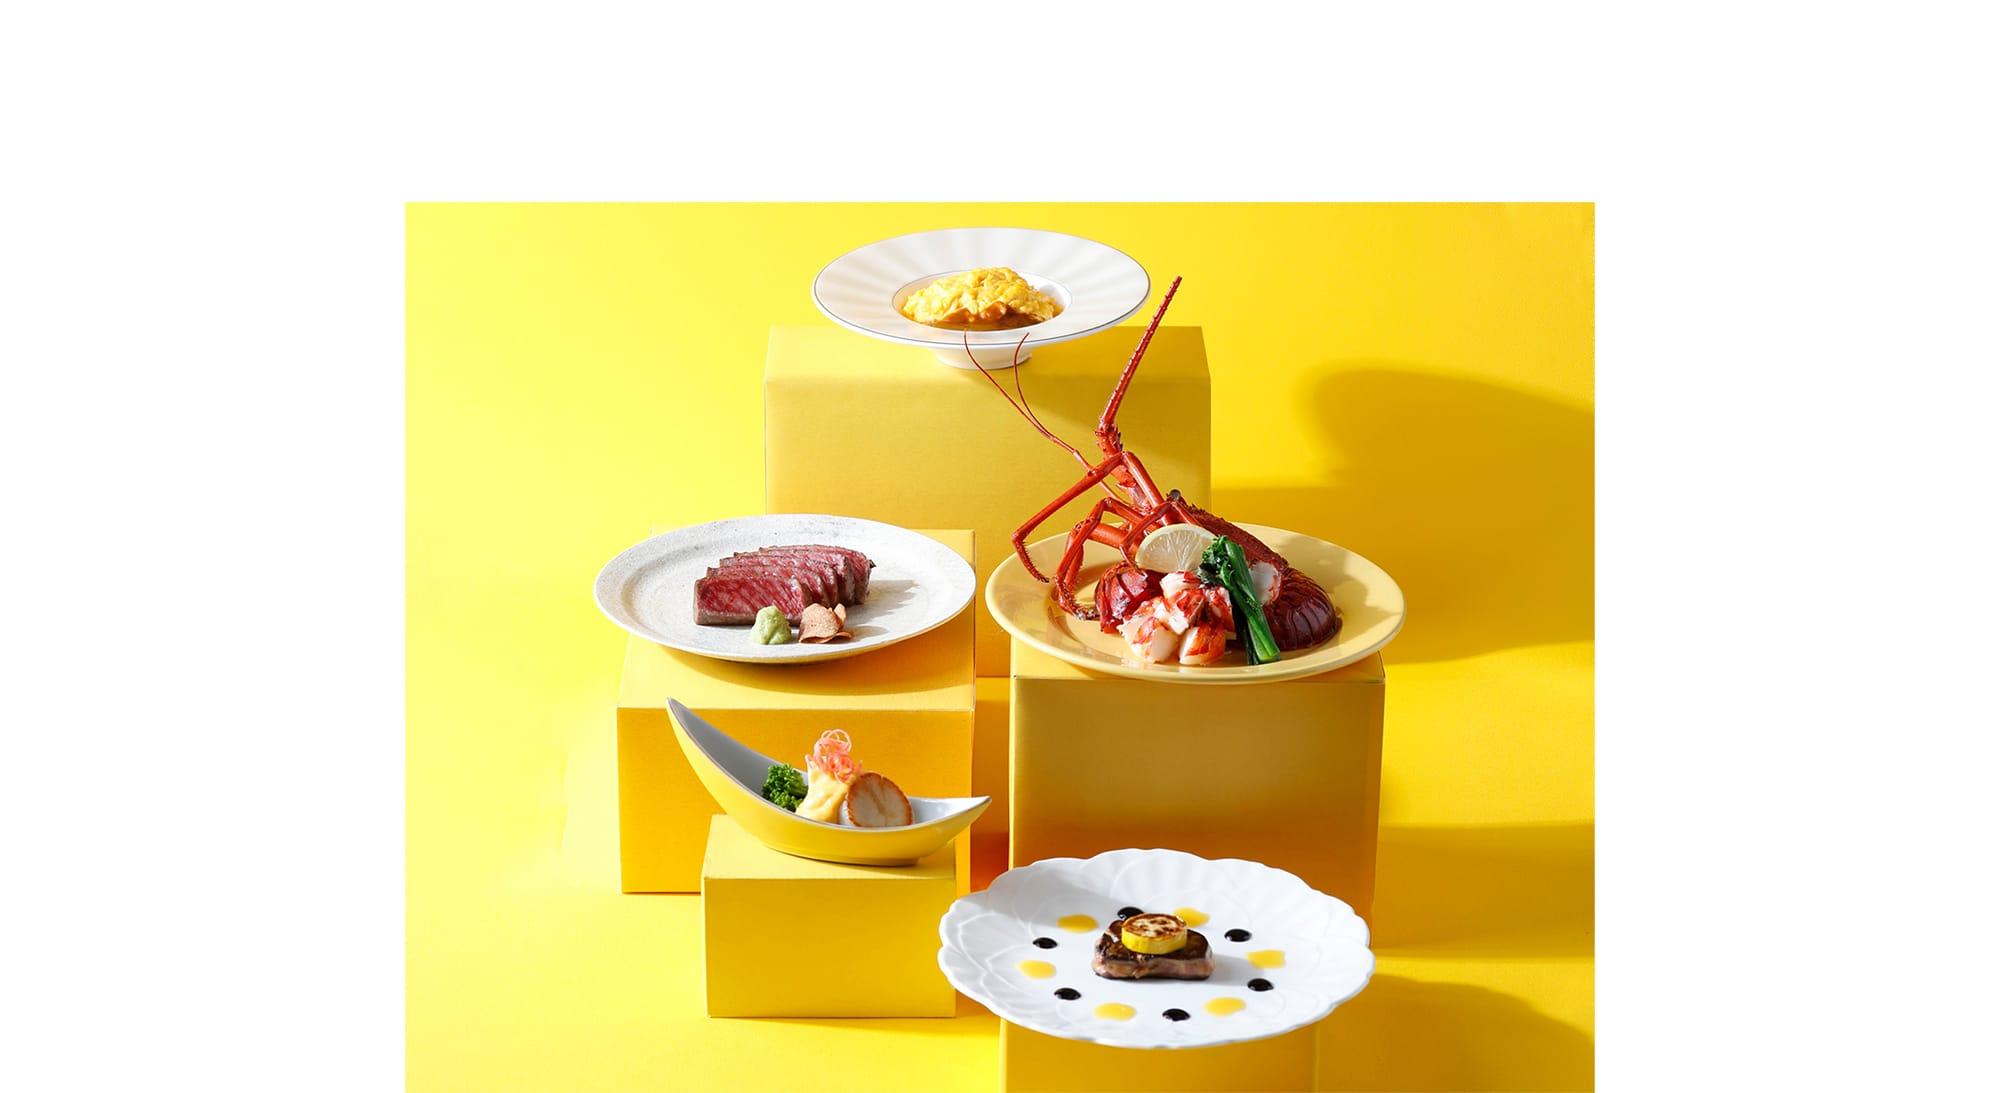 鉄板焼「恵比寿」では黄色をアクセントにしたHappy Yellow鉄板焼コースを用意。(¥20,000 消費税・サービス料別)